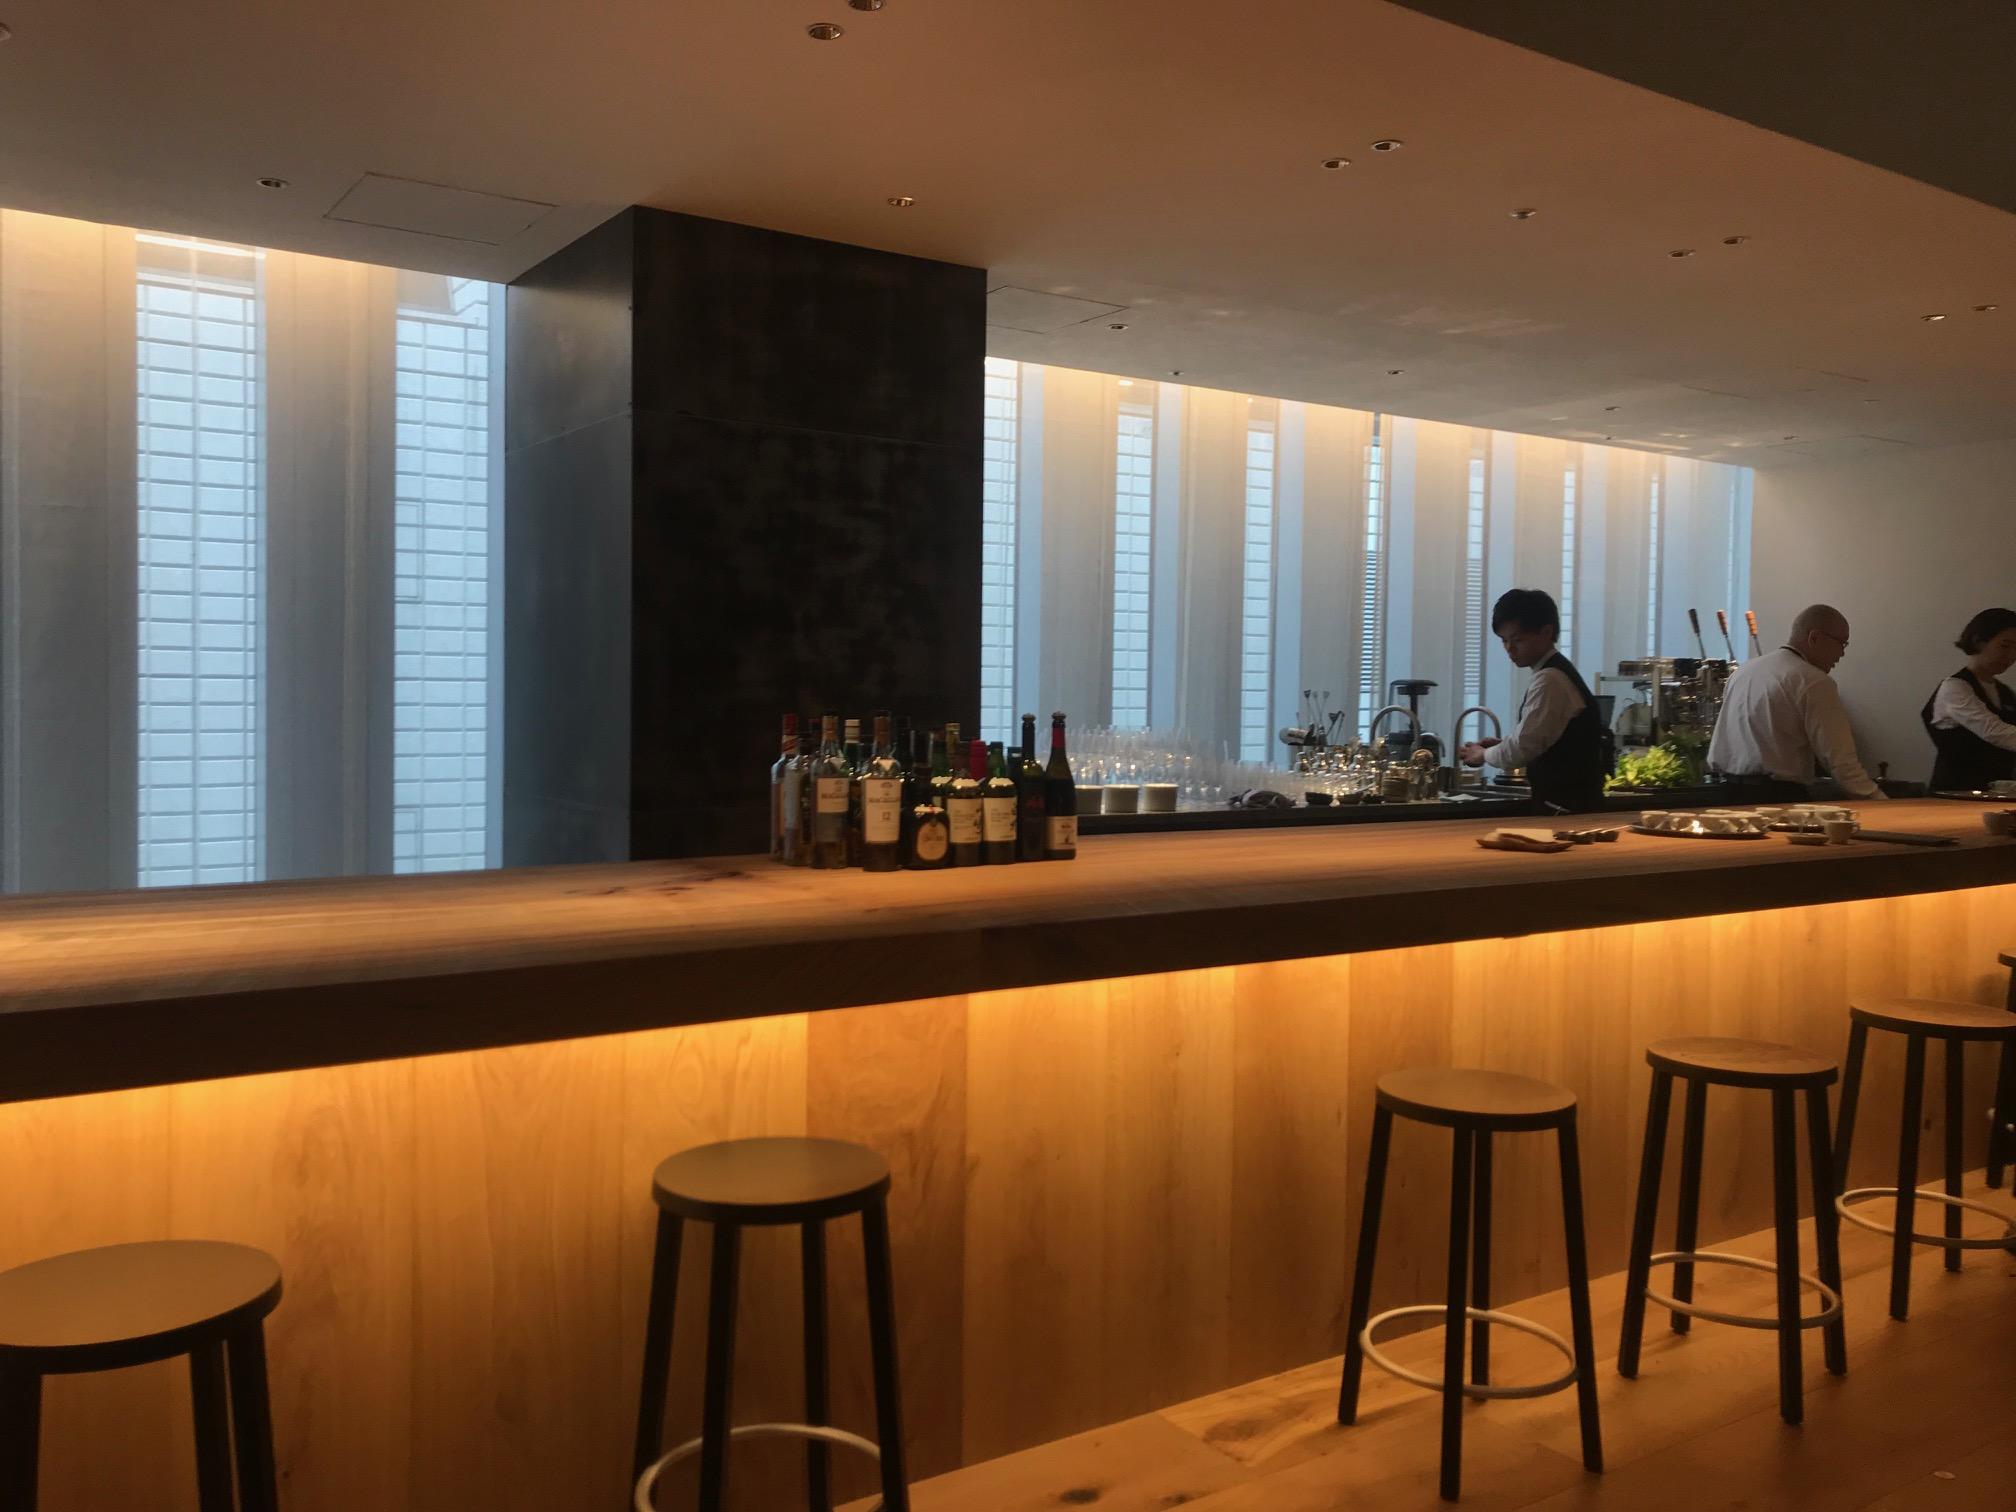 「無印良品 銀座」特集 - 無印良品の旗艦店OPEN!日本初のホテルやレストラン、限定商品まとめ_52